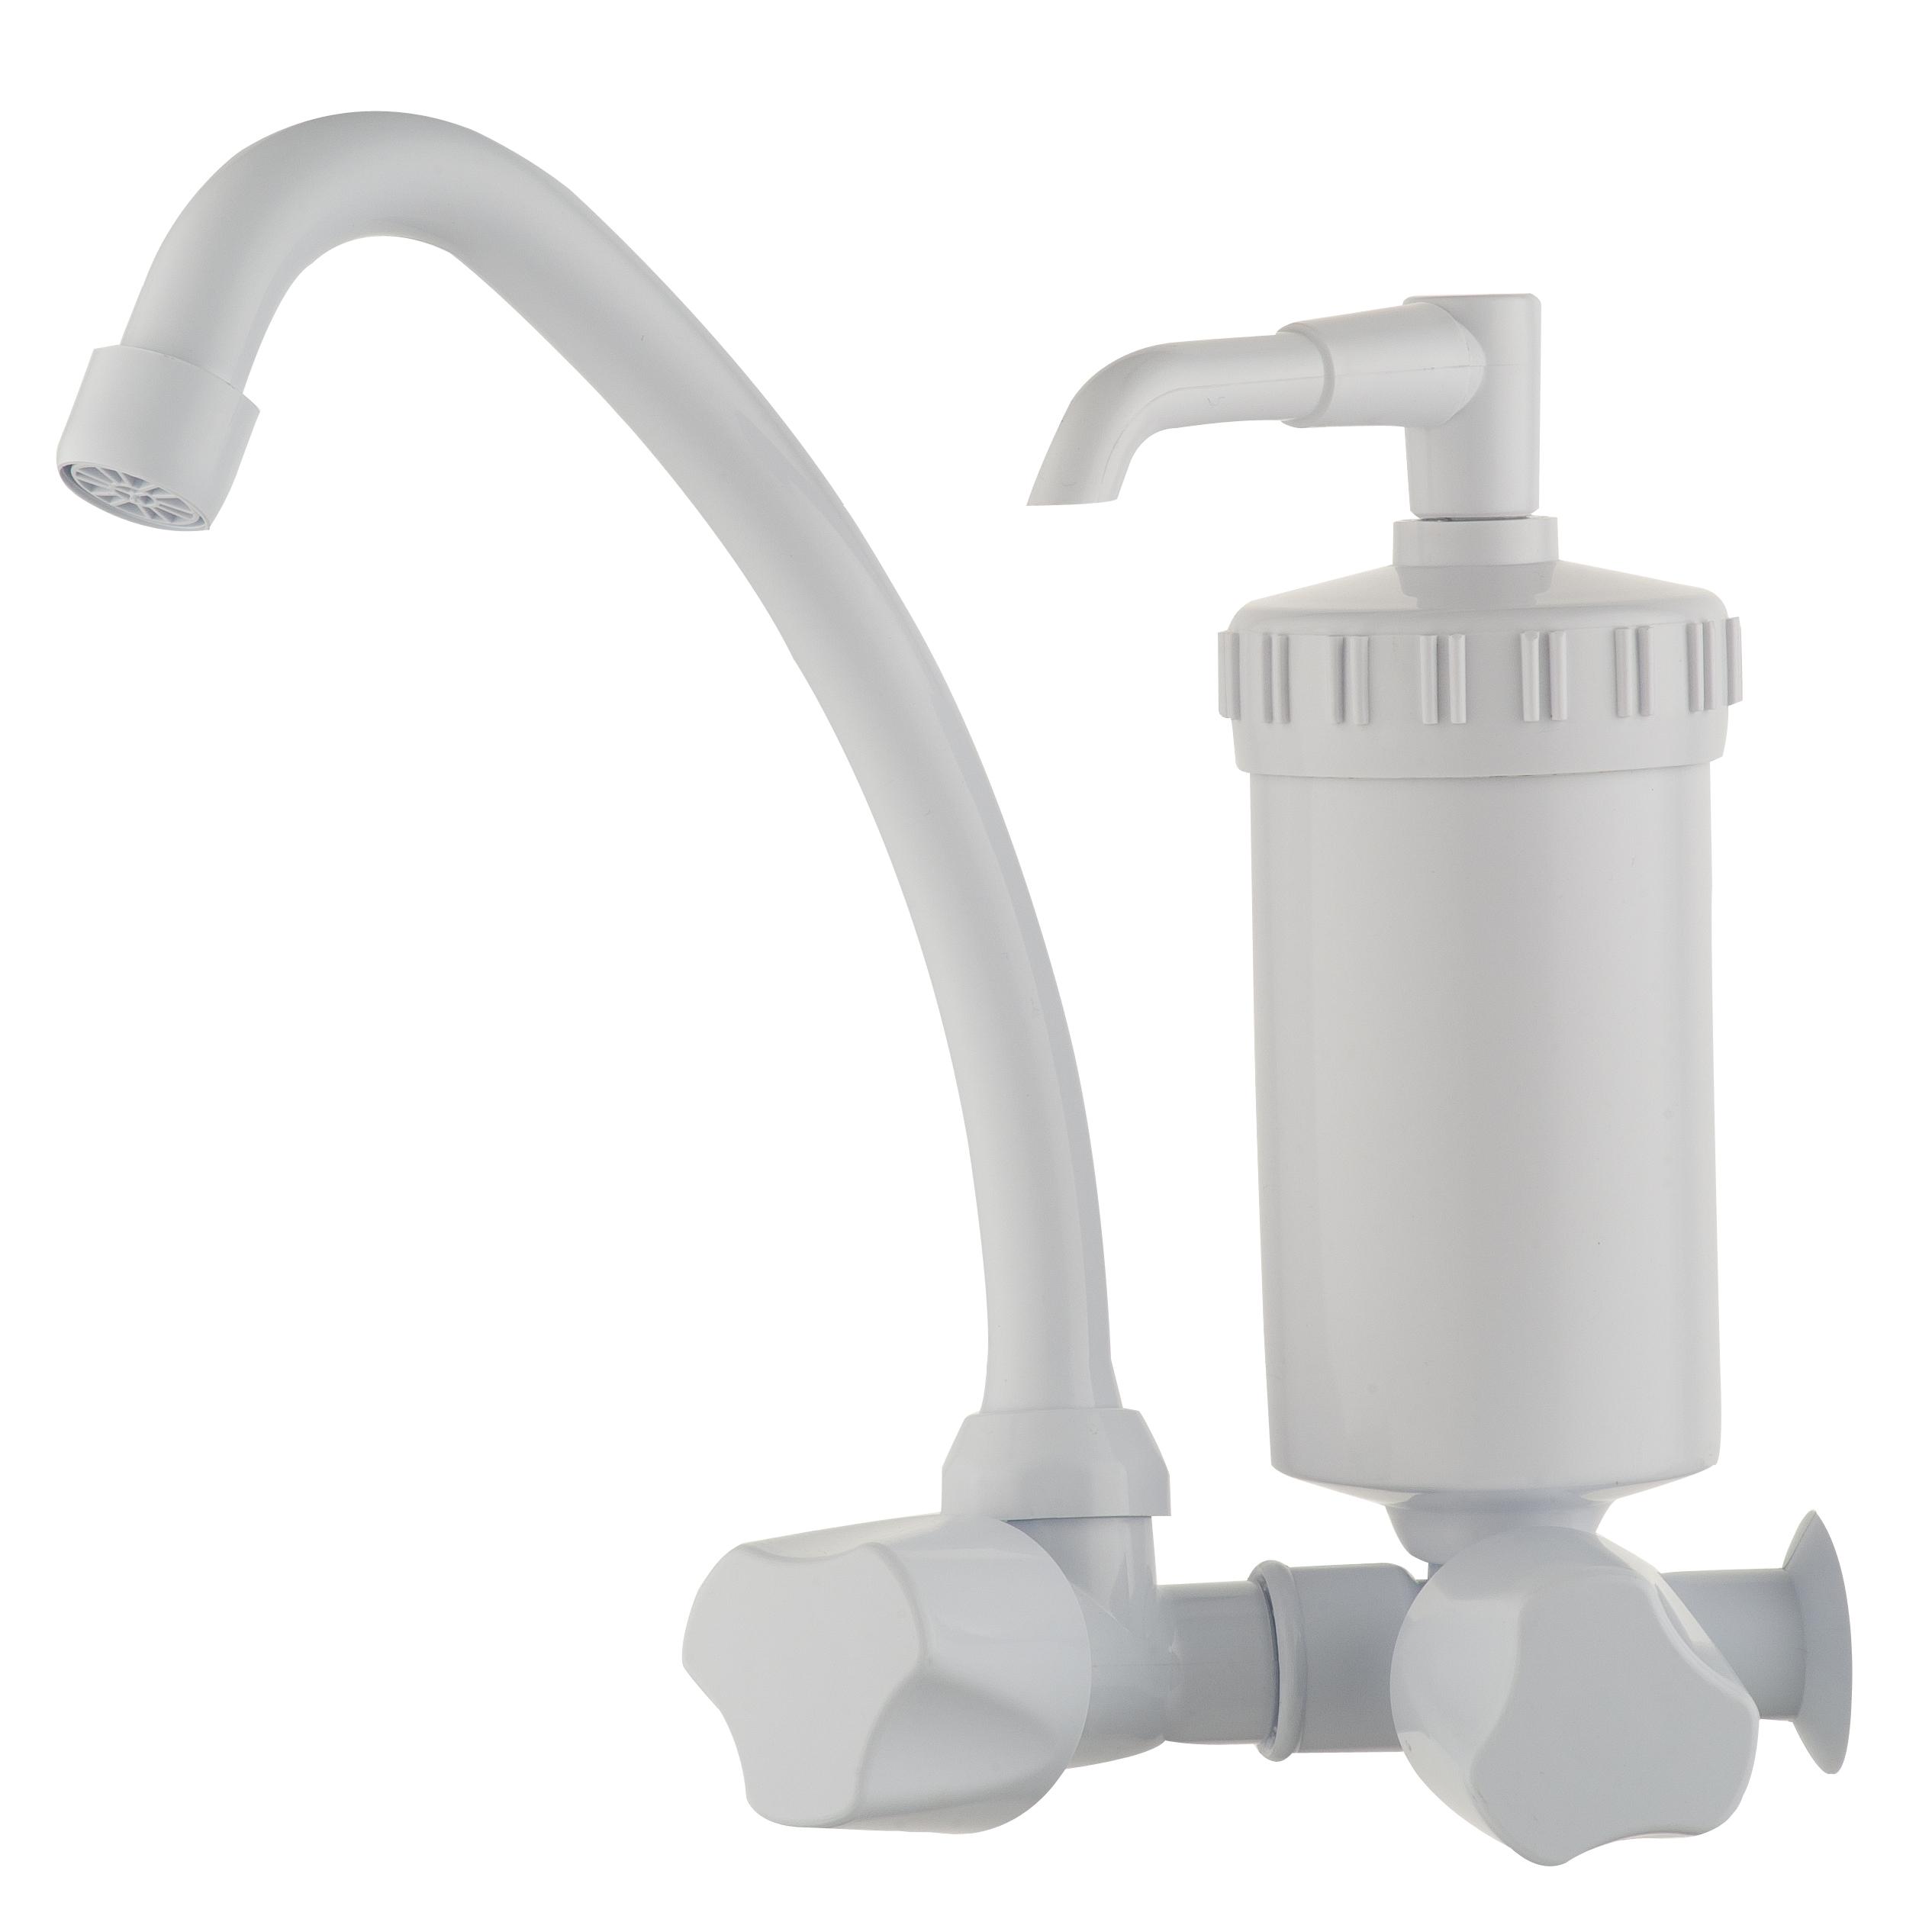 Torneira PVC com filtro para cozinha - permite você consumir água filtrada sem sem preocupar com as impurezas